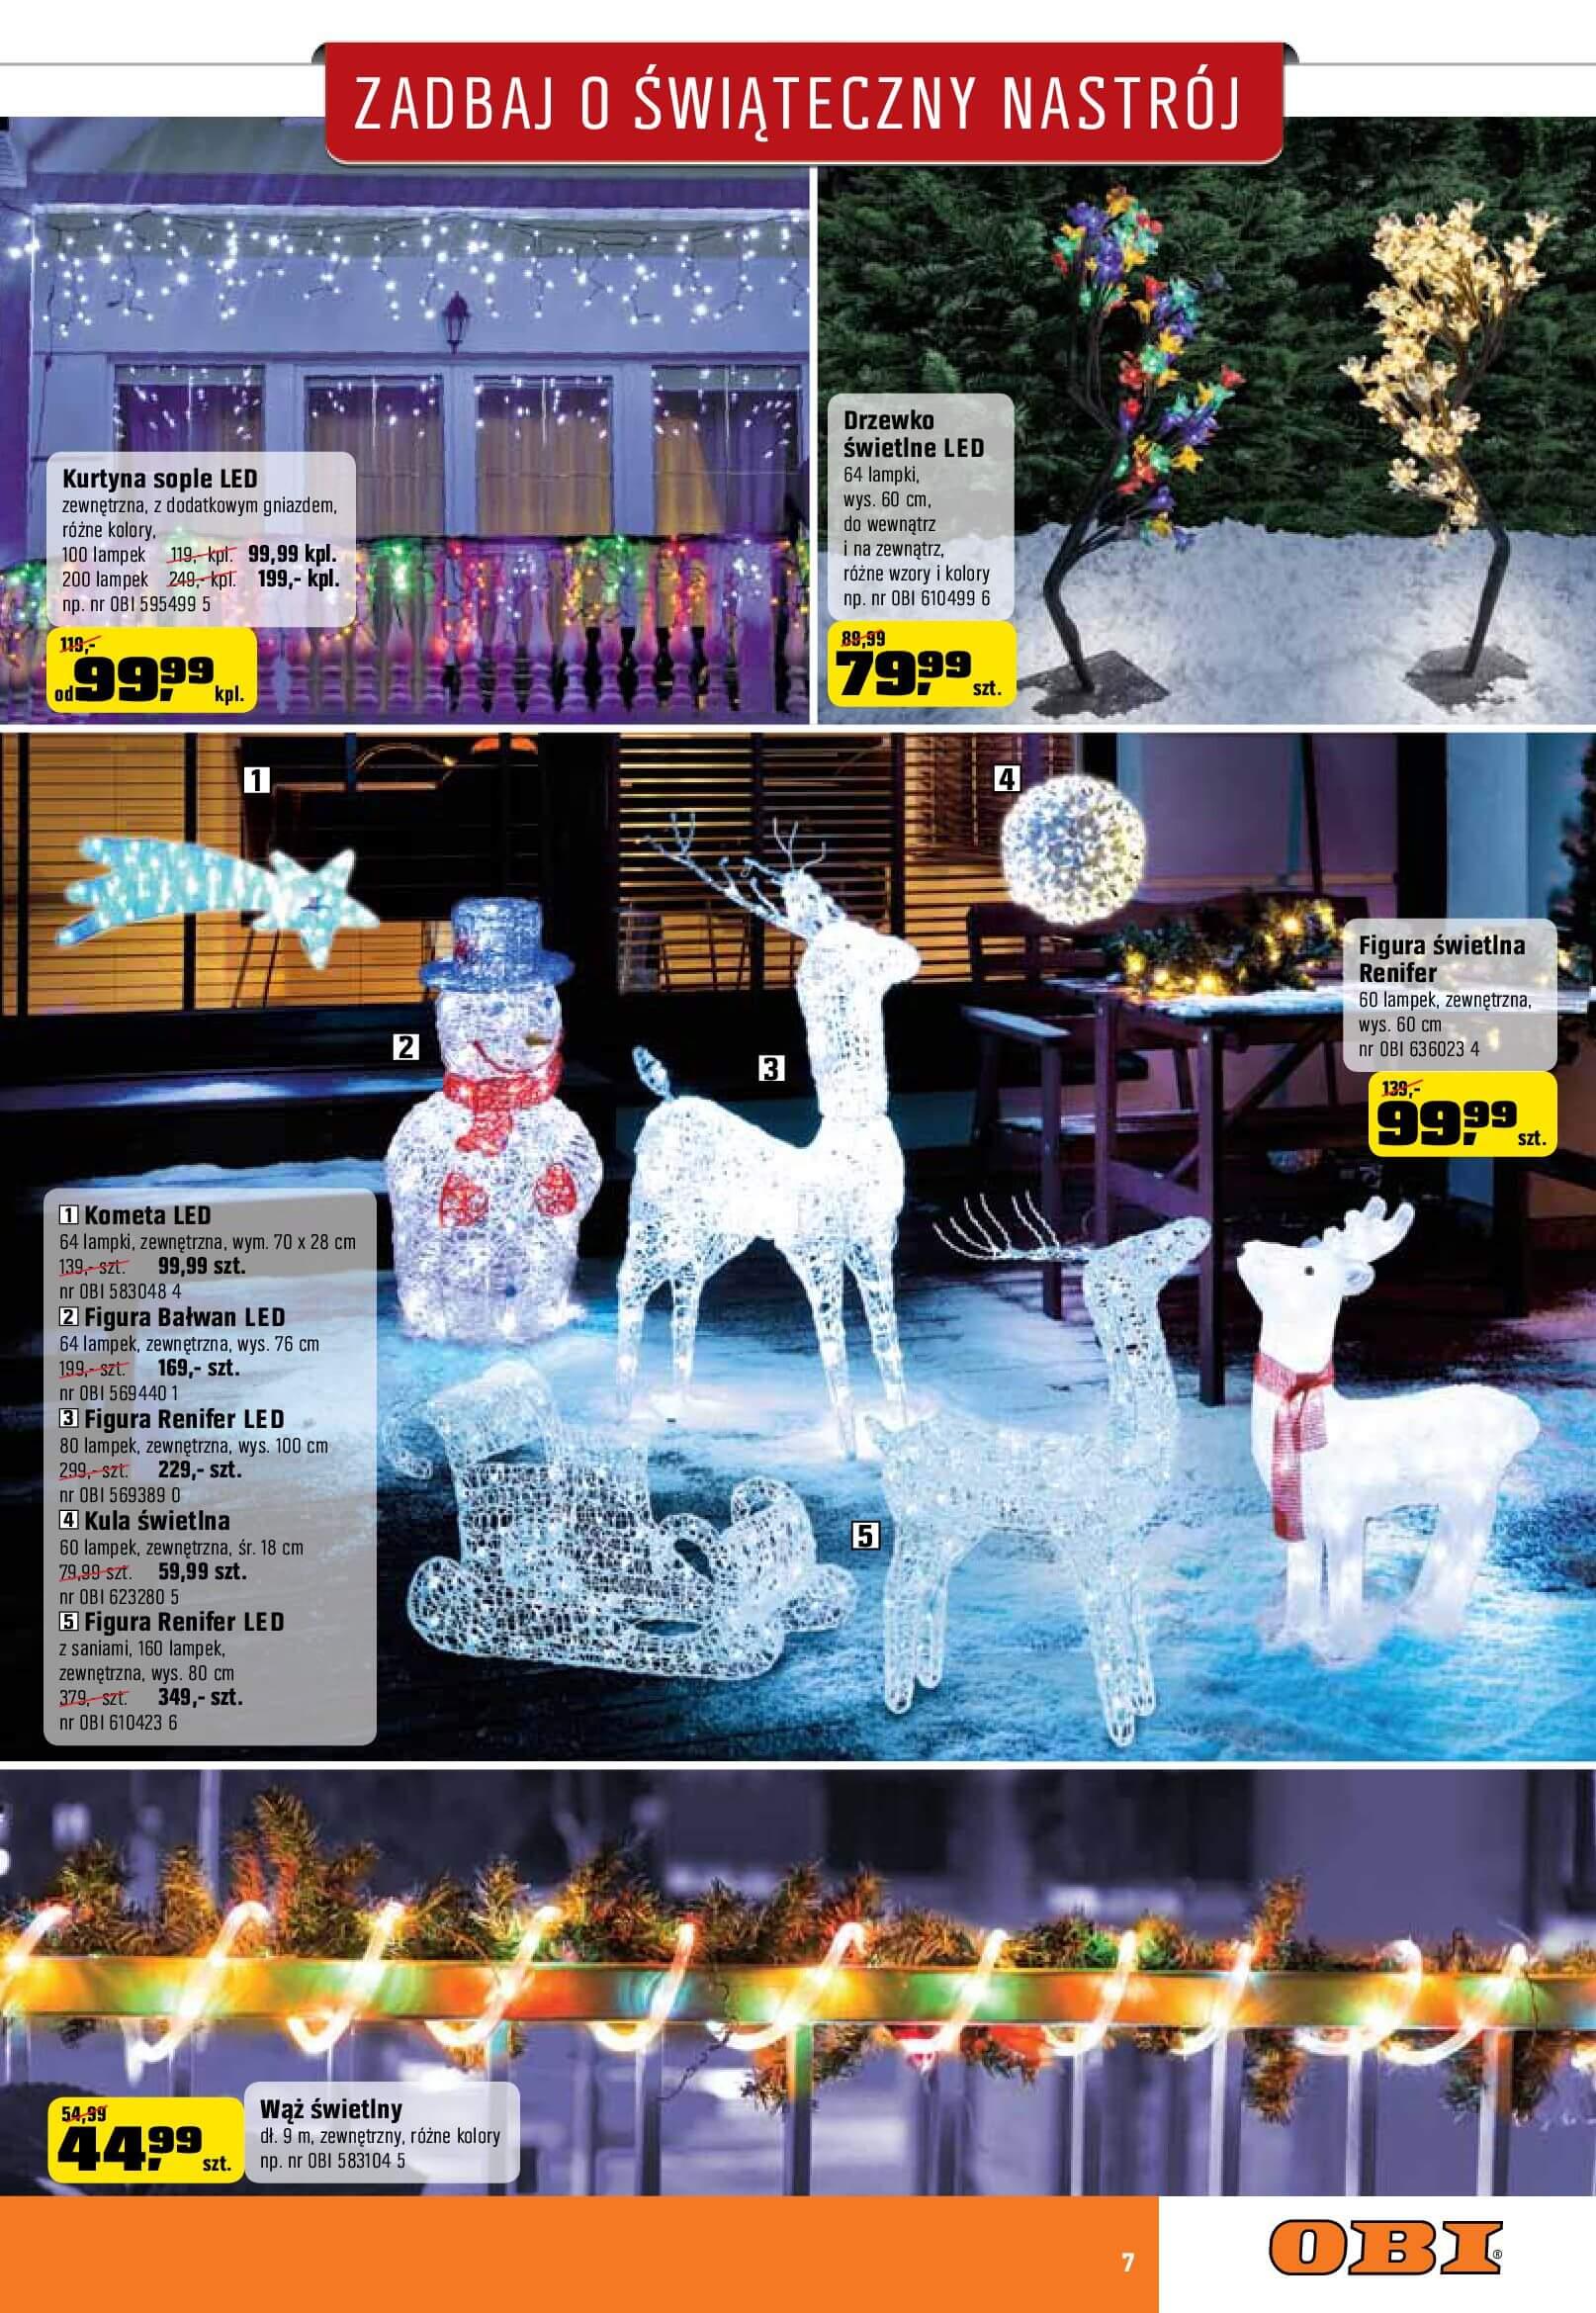 Gazetka OBI - Zadbaj o świąteczny nastrój-2017-12-06-2018-01-02-page-7